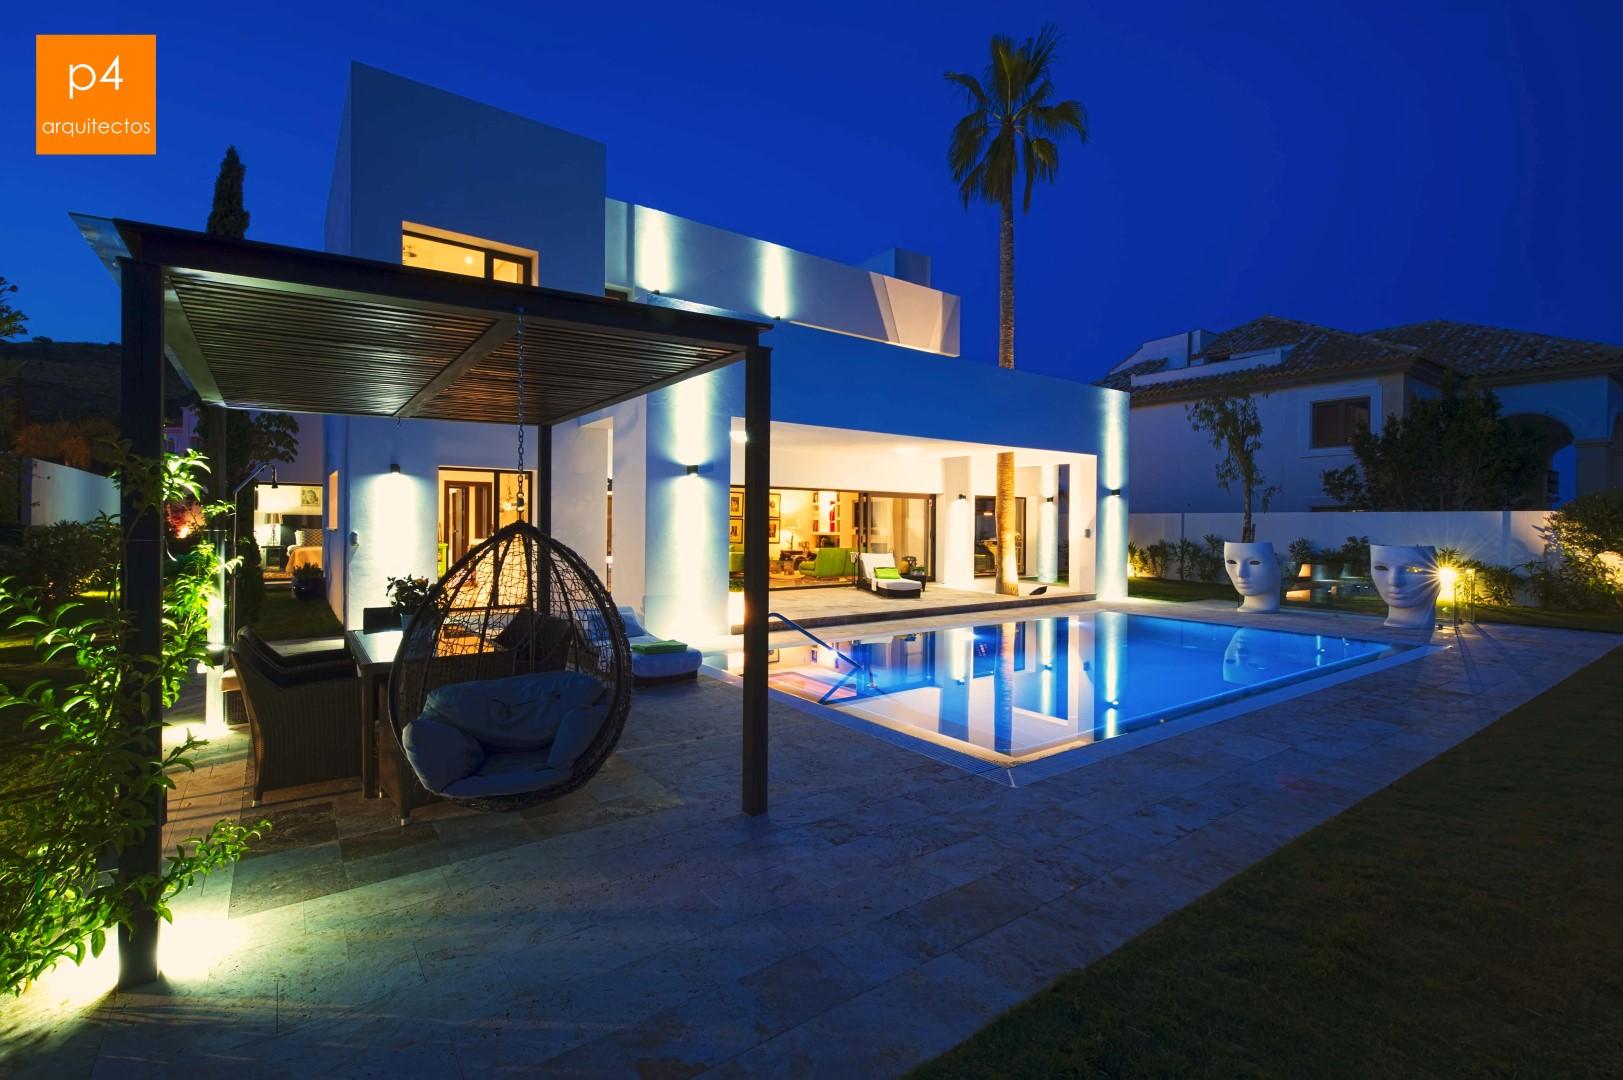 P4 Villa reserva de la quinta (Large).jpg